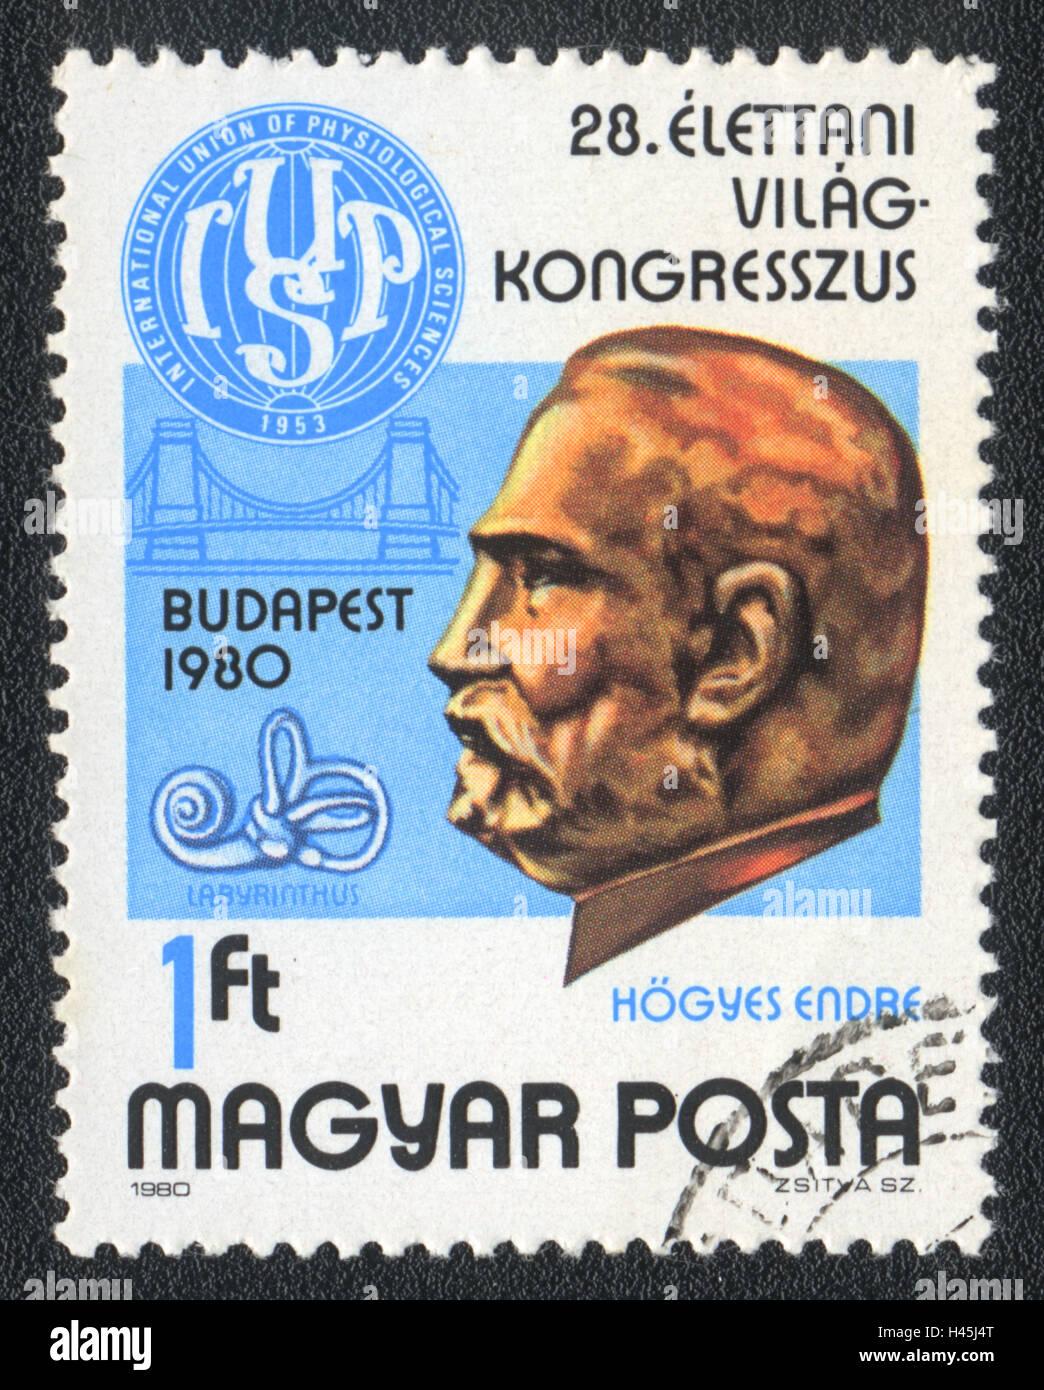 Un timbre-poste imprimé en Hongrie, spectacles 28e Congrès International des Sciences physiologiques, Photo Stock